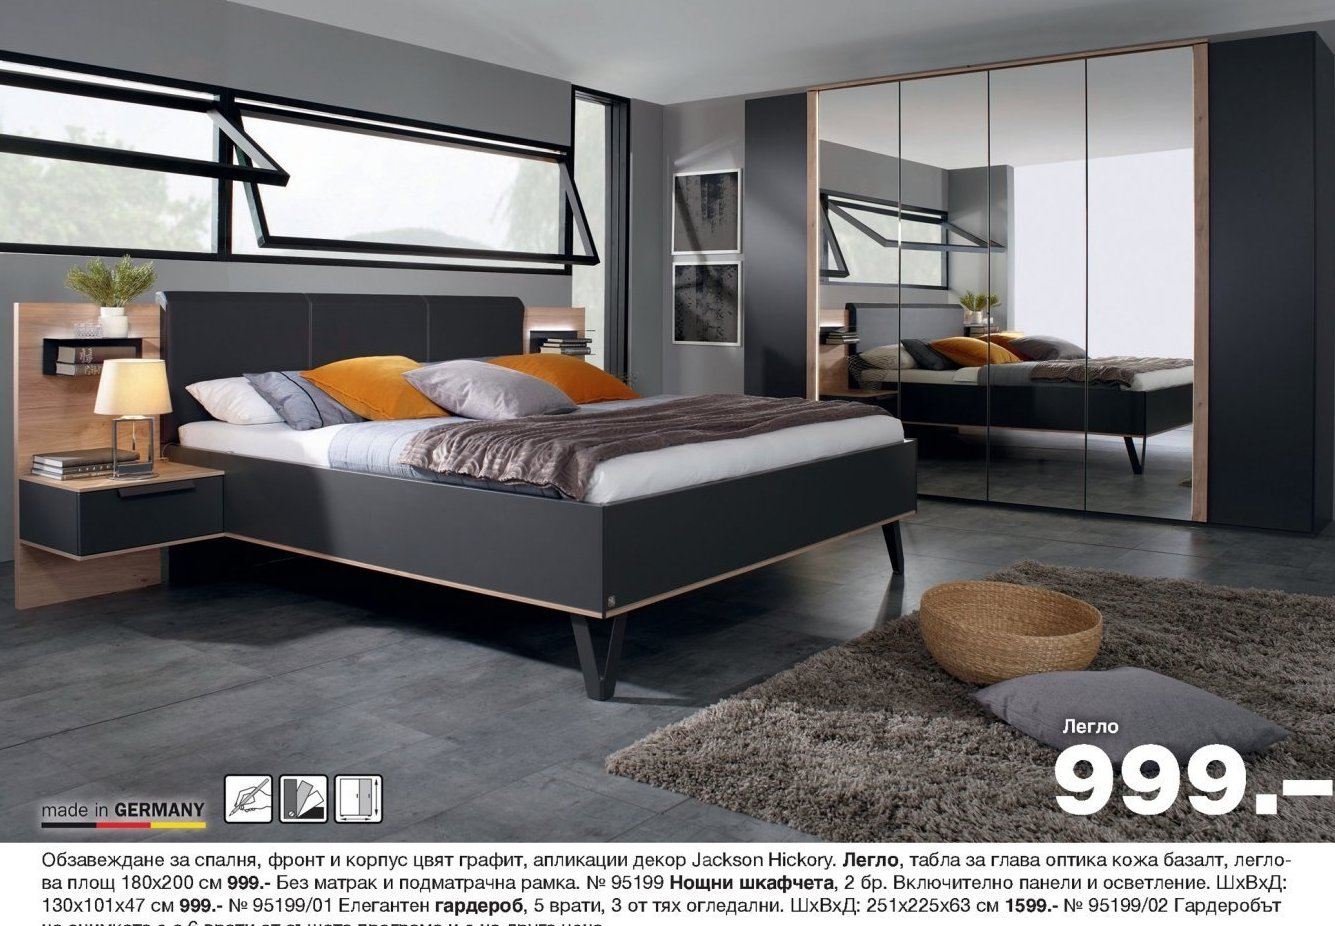 Обзавеждане за спалня в Como